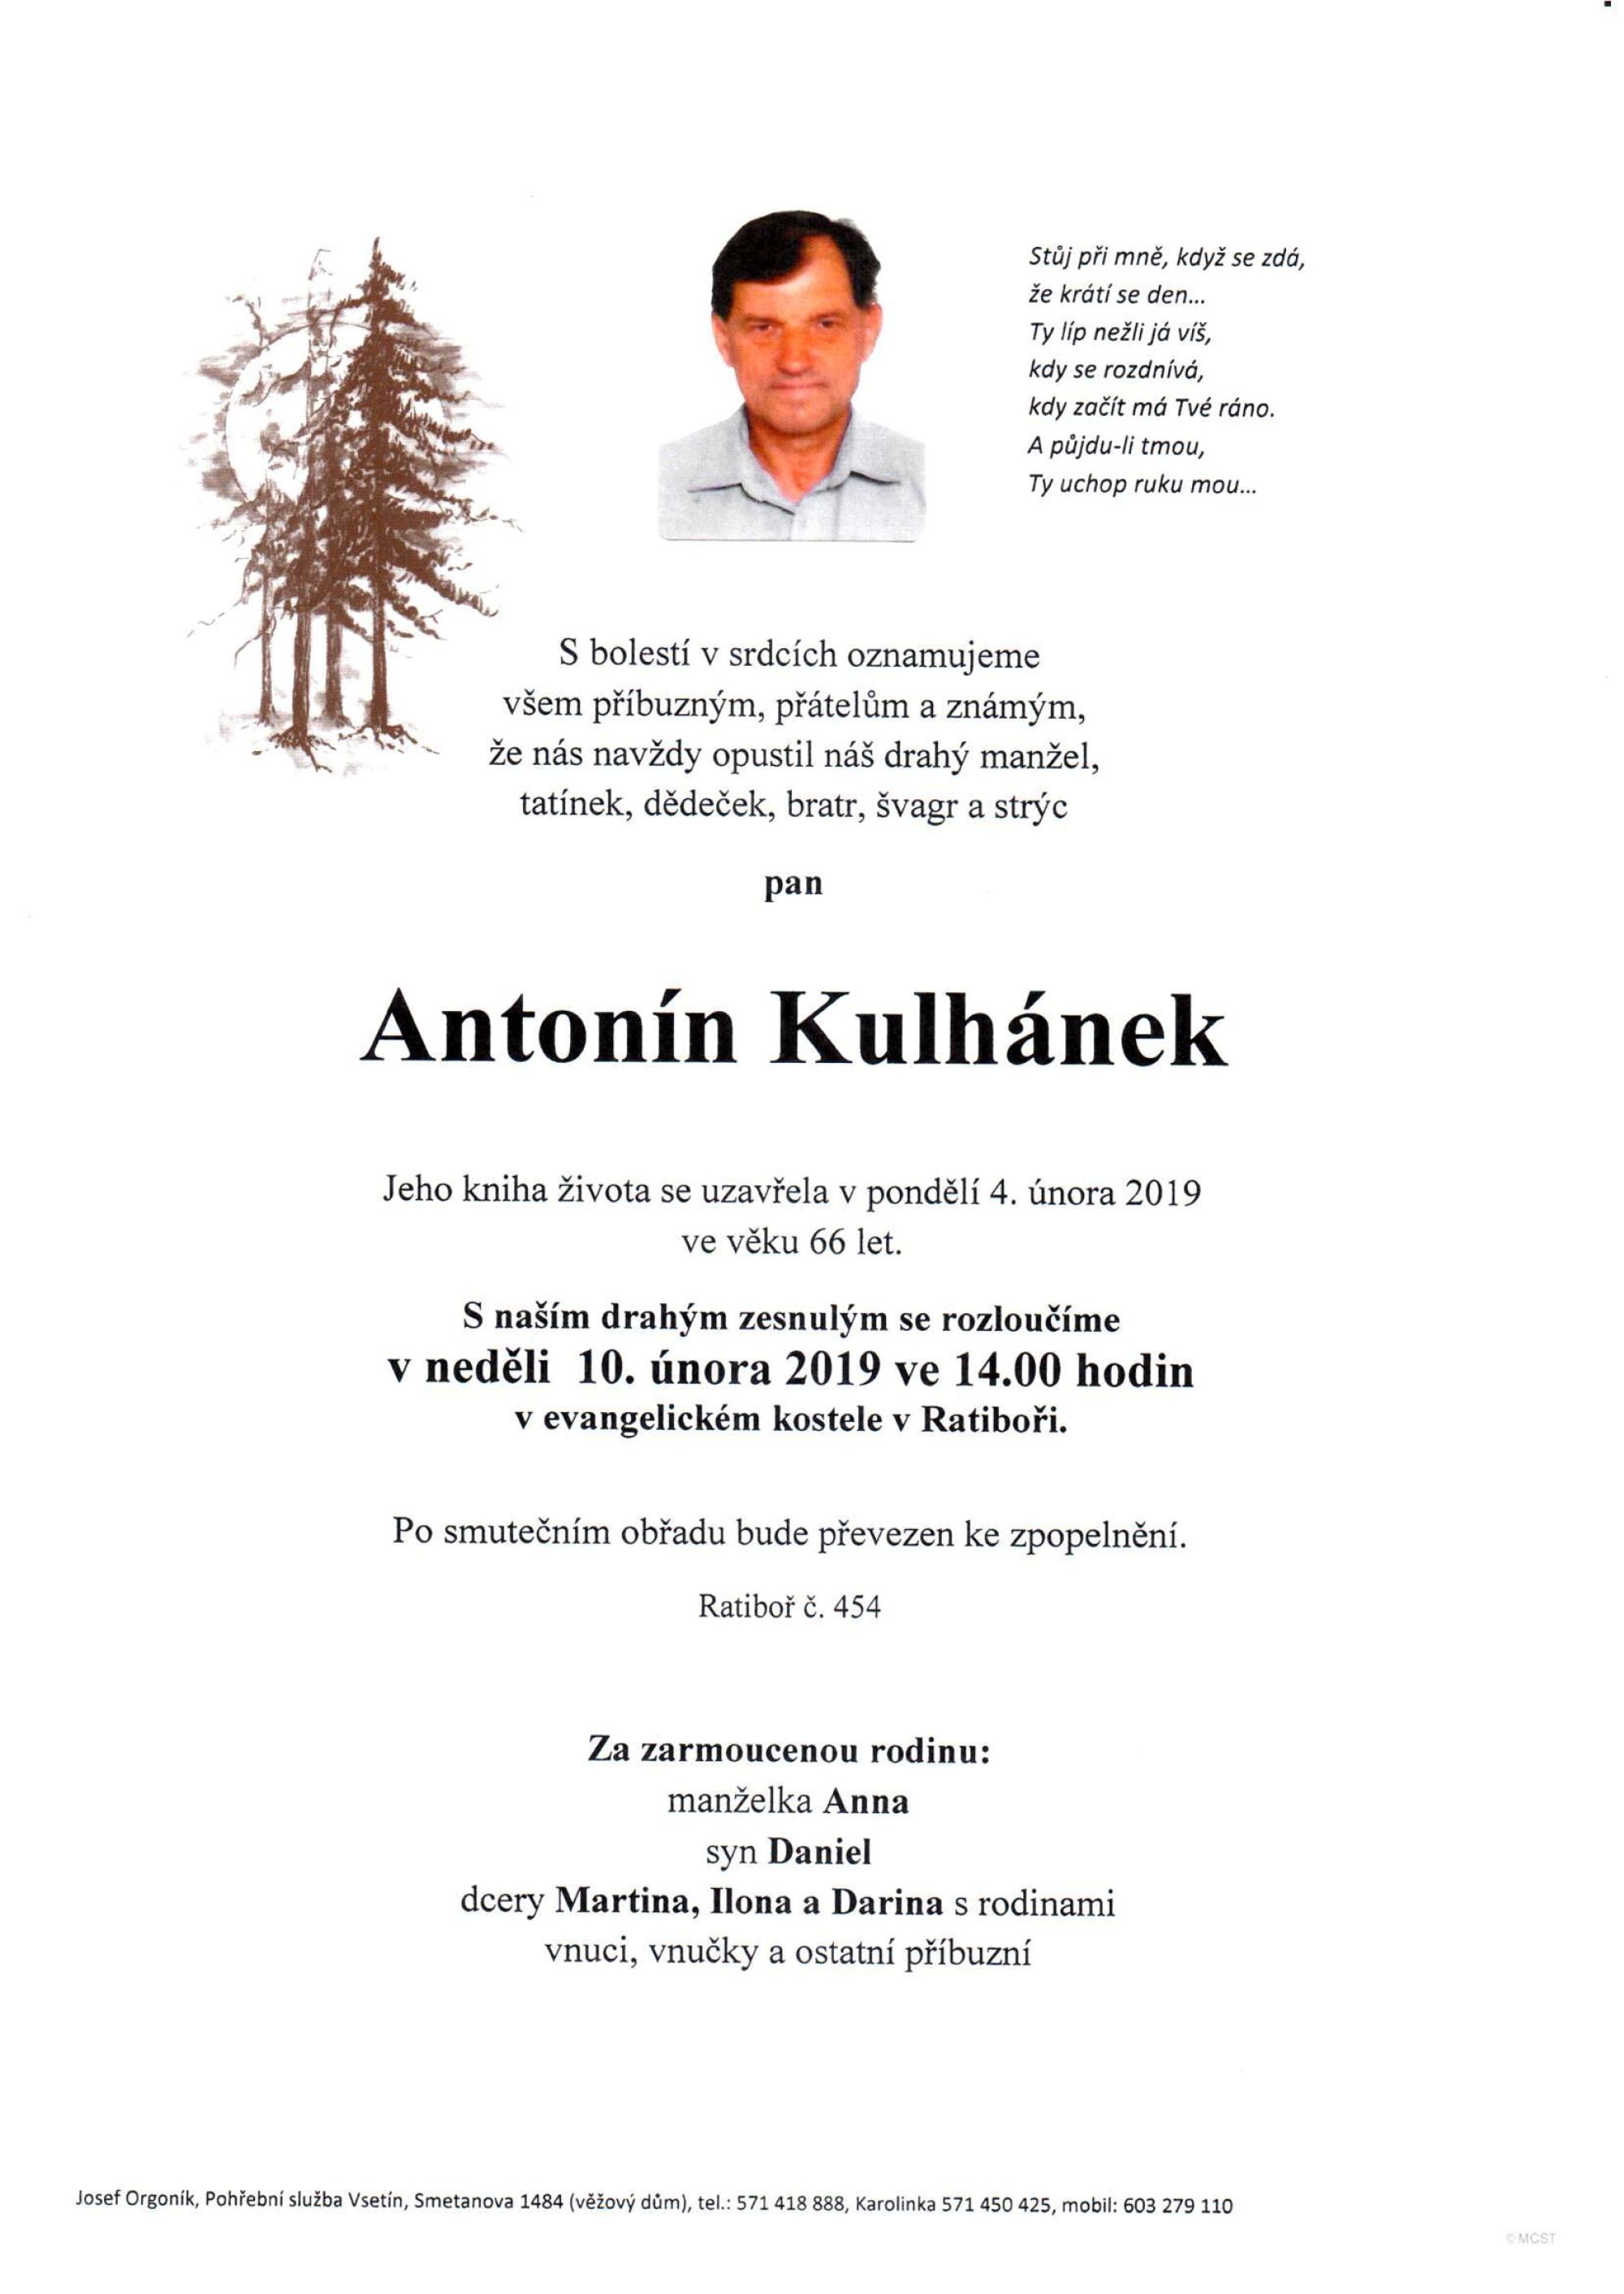 Antonín Kulhánek